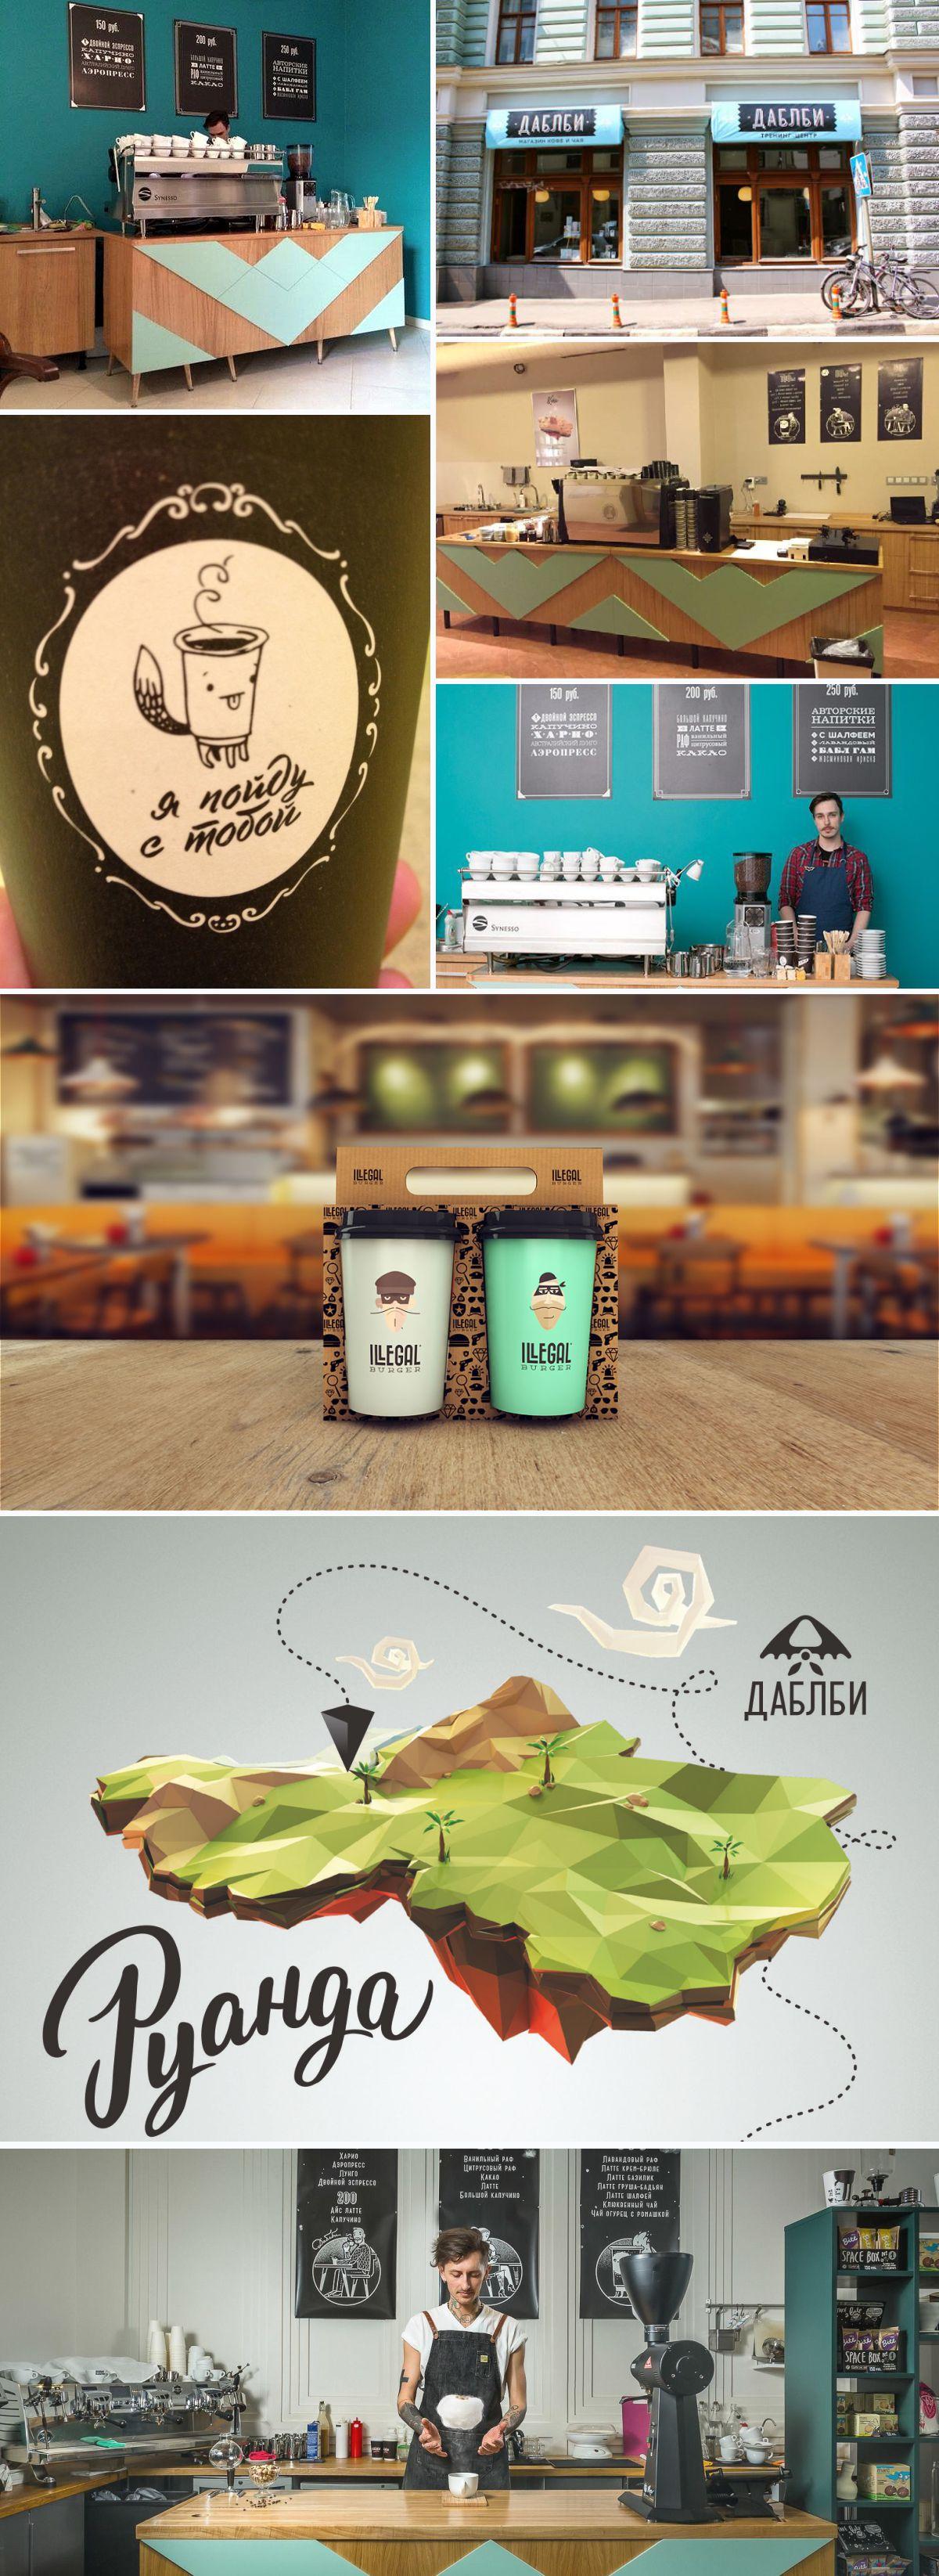 дизайн кофейни даблби